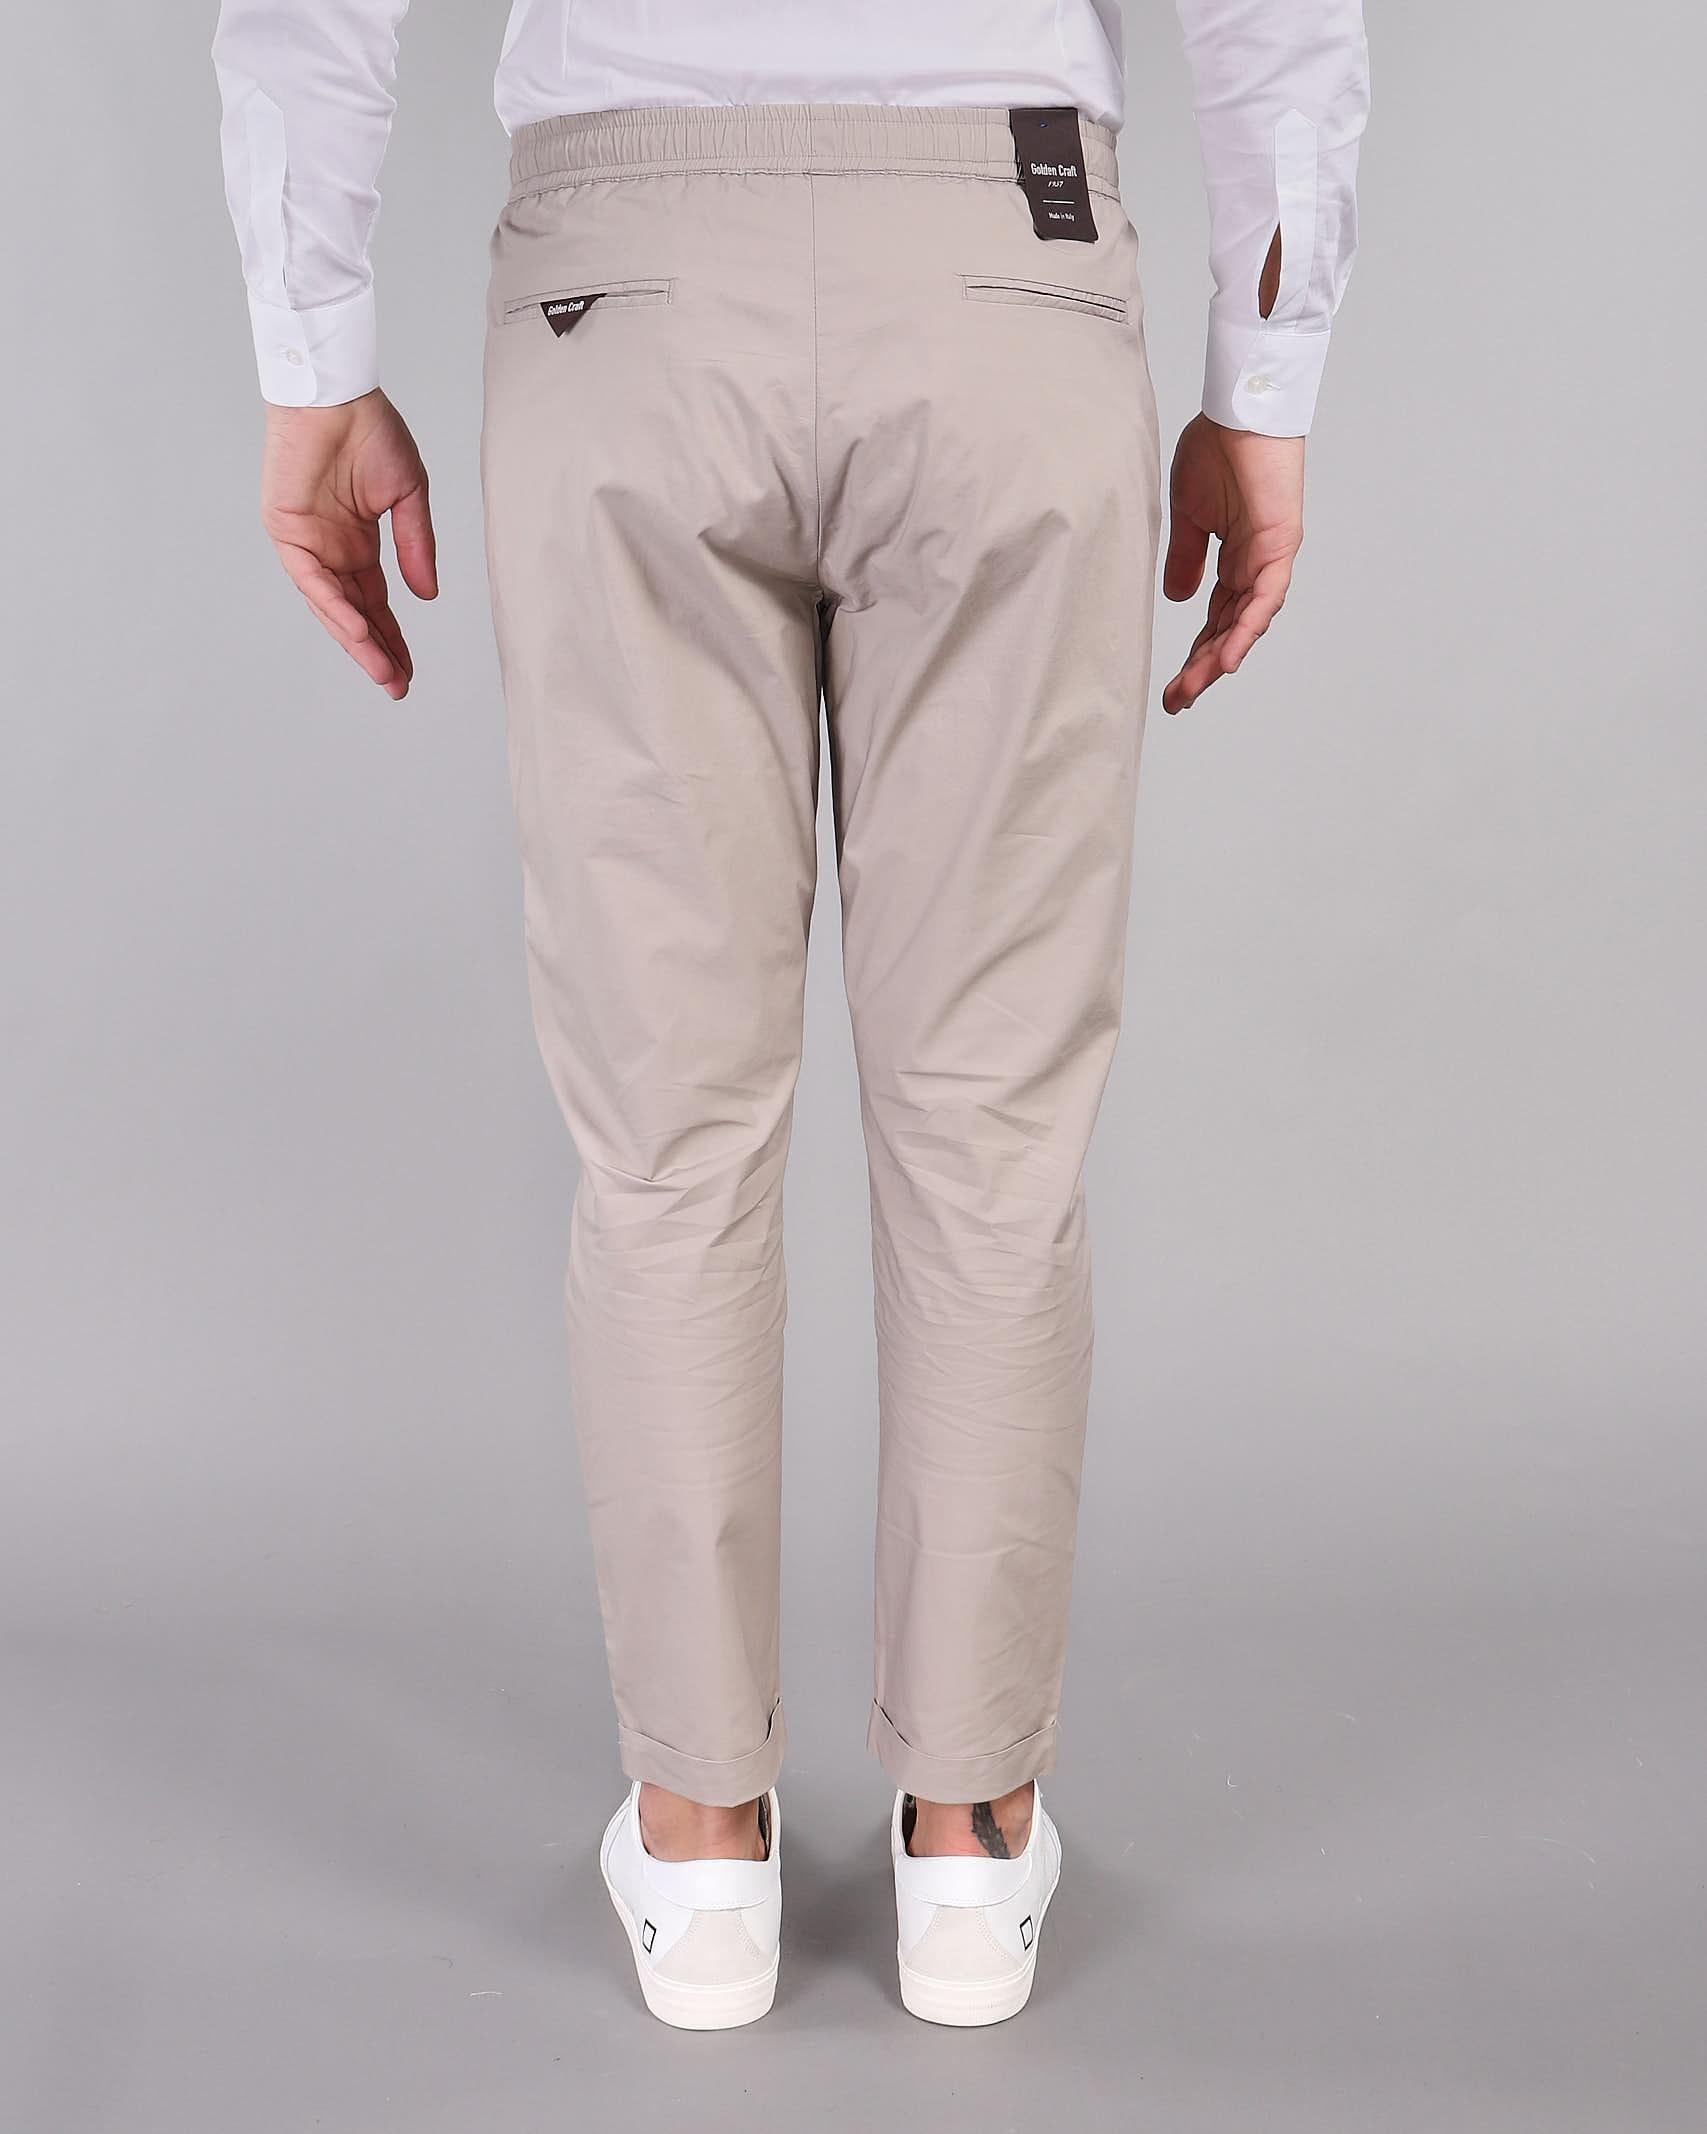 Pantalone in cotone con elastico in vita Golden Craft GOLDEN CRAFT | Pantalone | GC1PSS215902A028